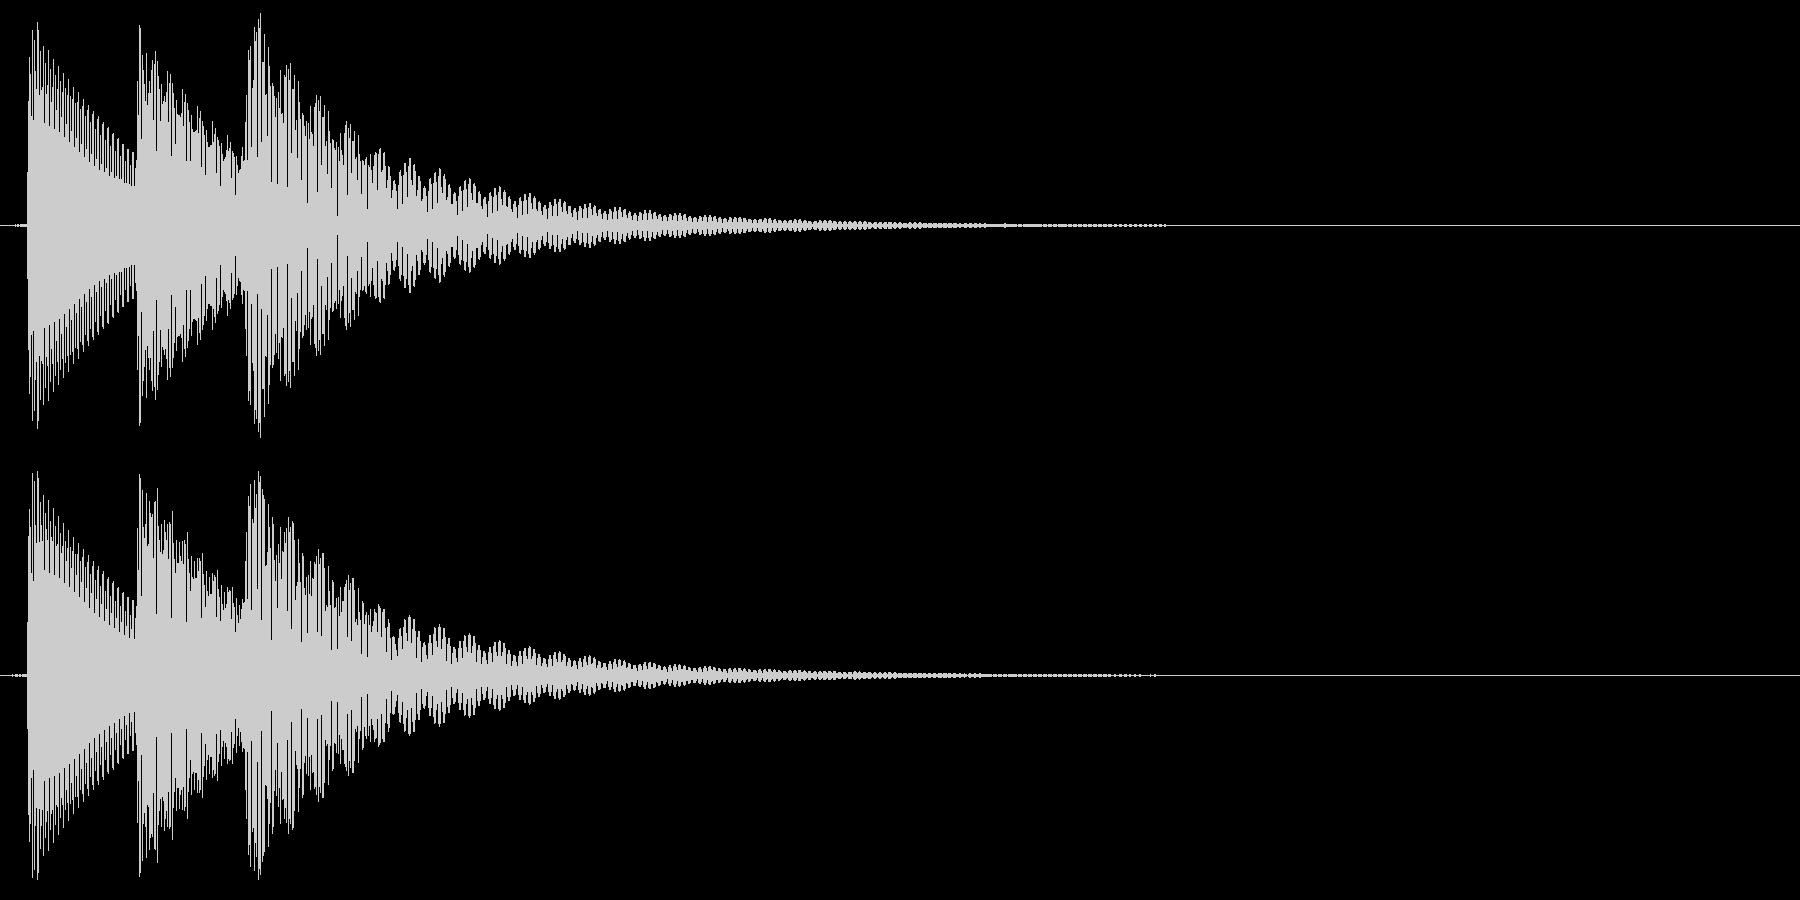 ピロリン(ミス・エラー)の未再生の波形